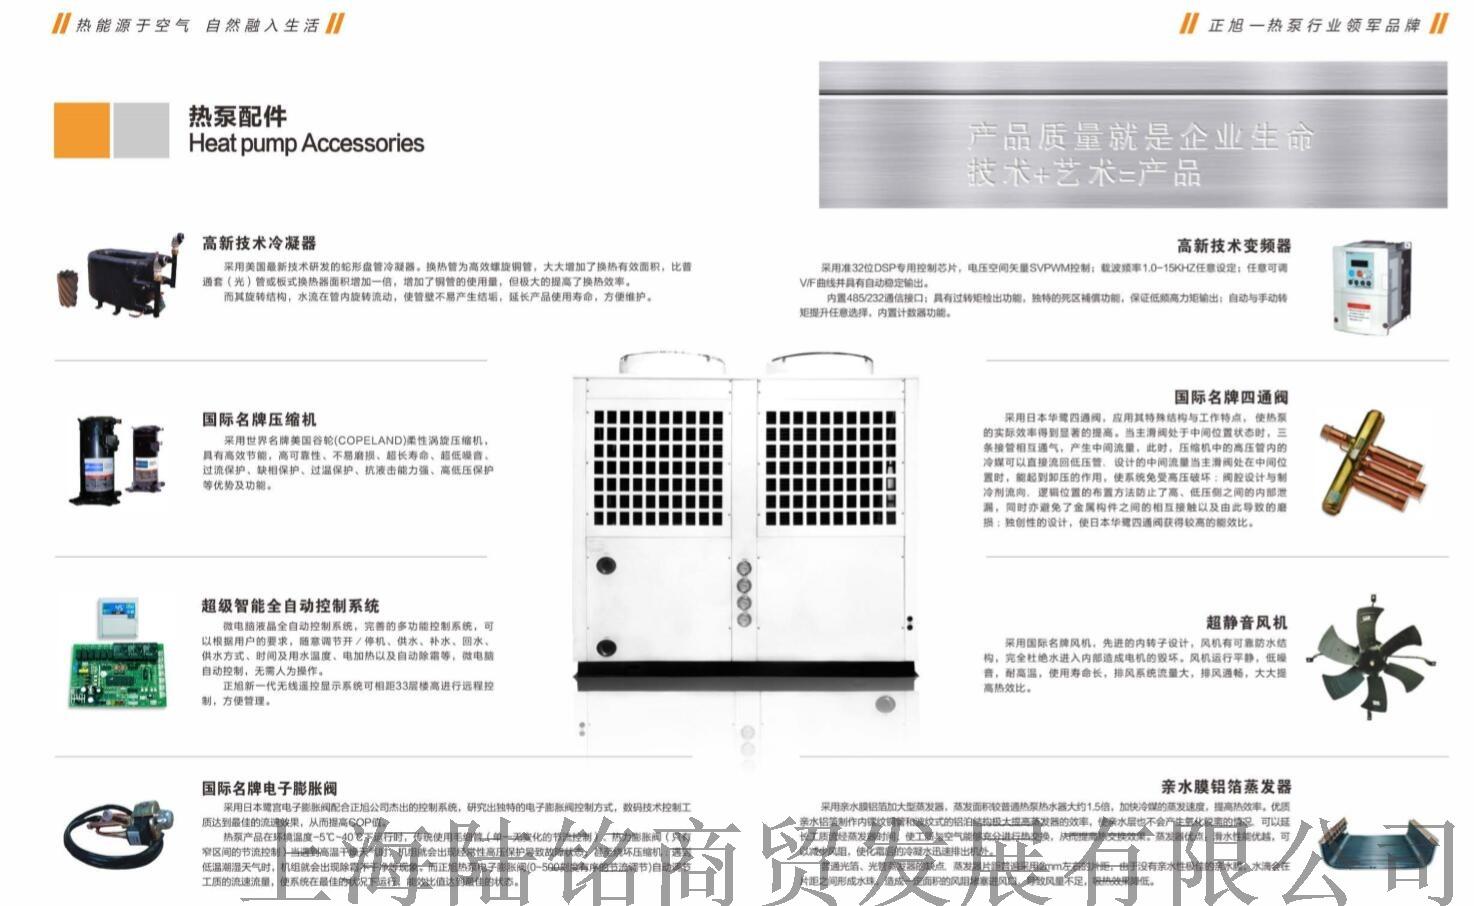 空氣能熱泵,冷暖空能熱泵,工業熱泵,高溫熱泵94761335